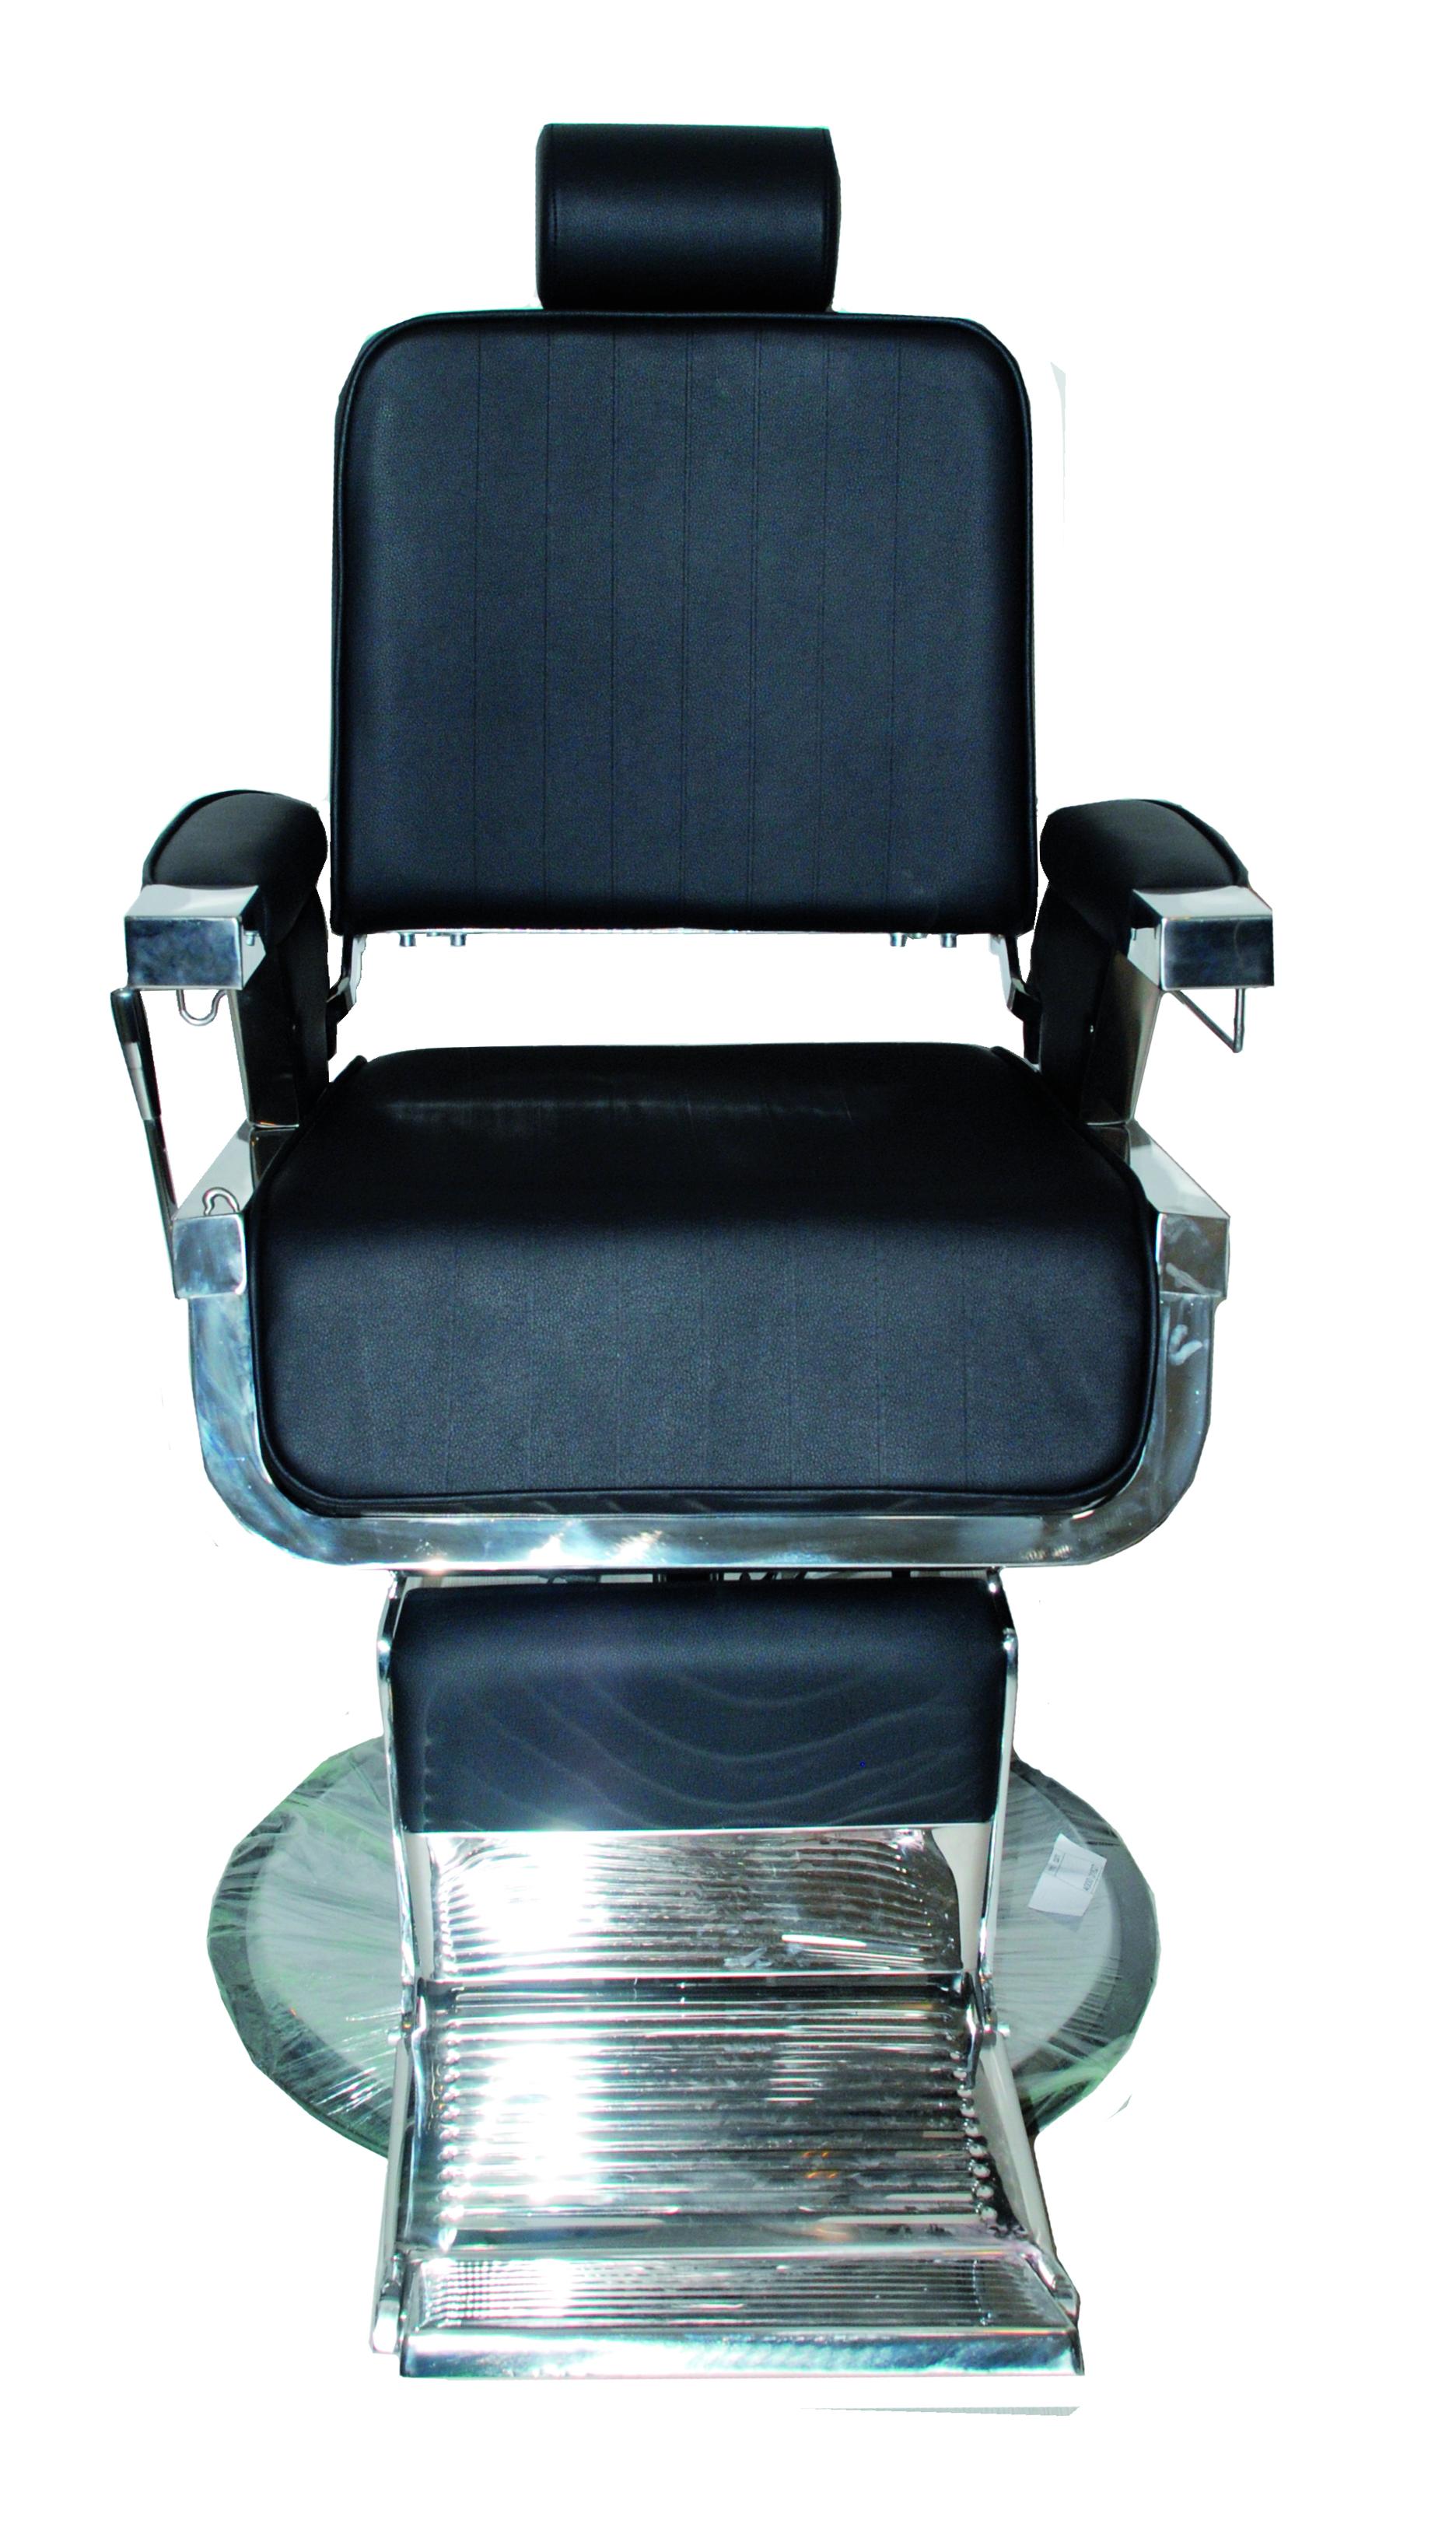 """כיסא גברים רטרו - Barber chair דגם  31819.  בוכנה גבוהה. אחריות שנתיים על הבוכנה. מחיר לא כולל מע""""מ ולא כולל הובלה."""